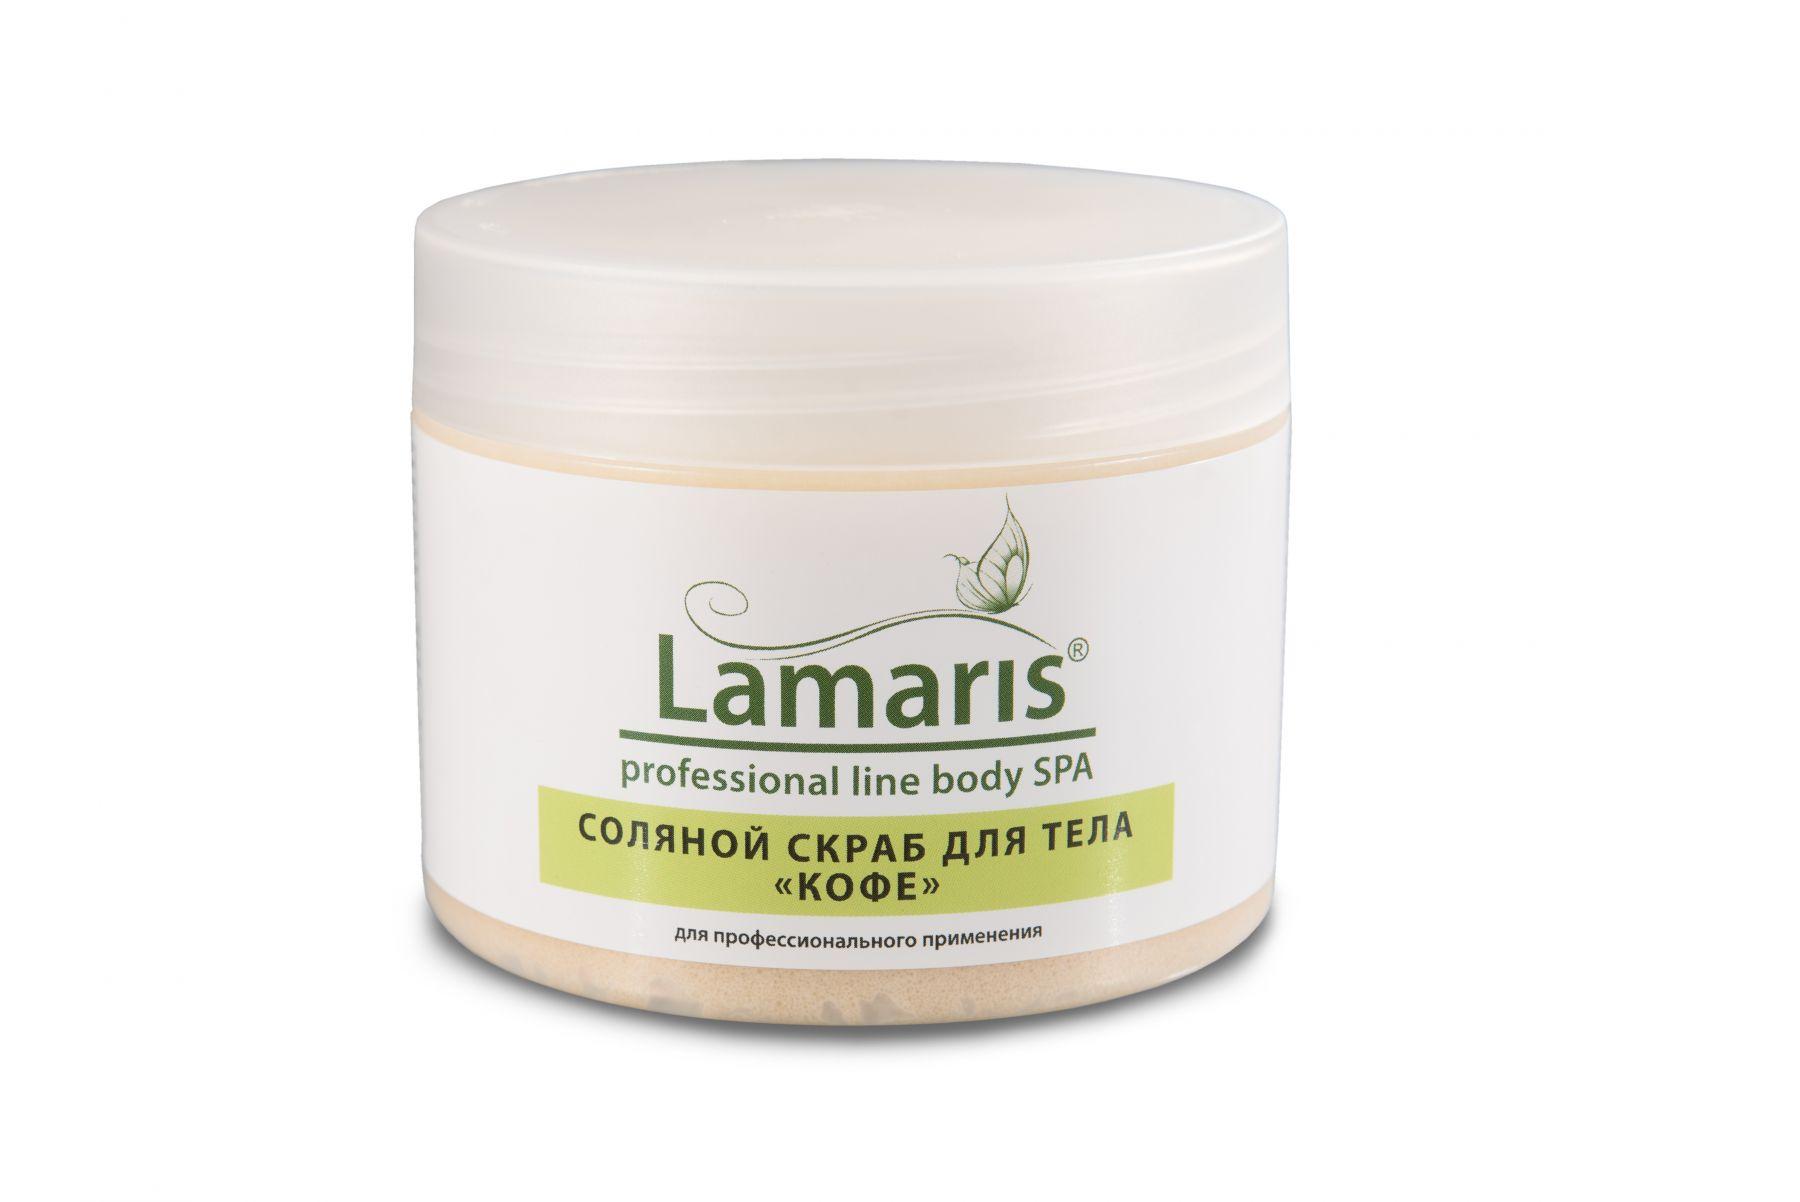 Соляной скраб для тела КОФЕ Lamaris - 365, 620 гр.